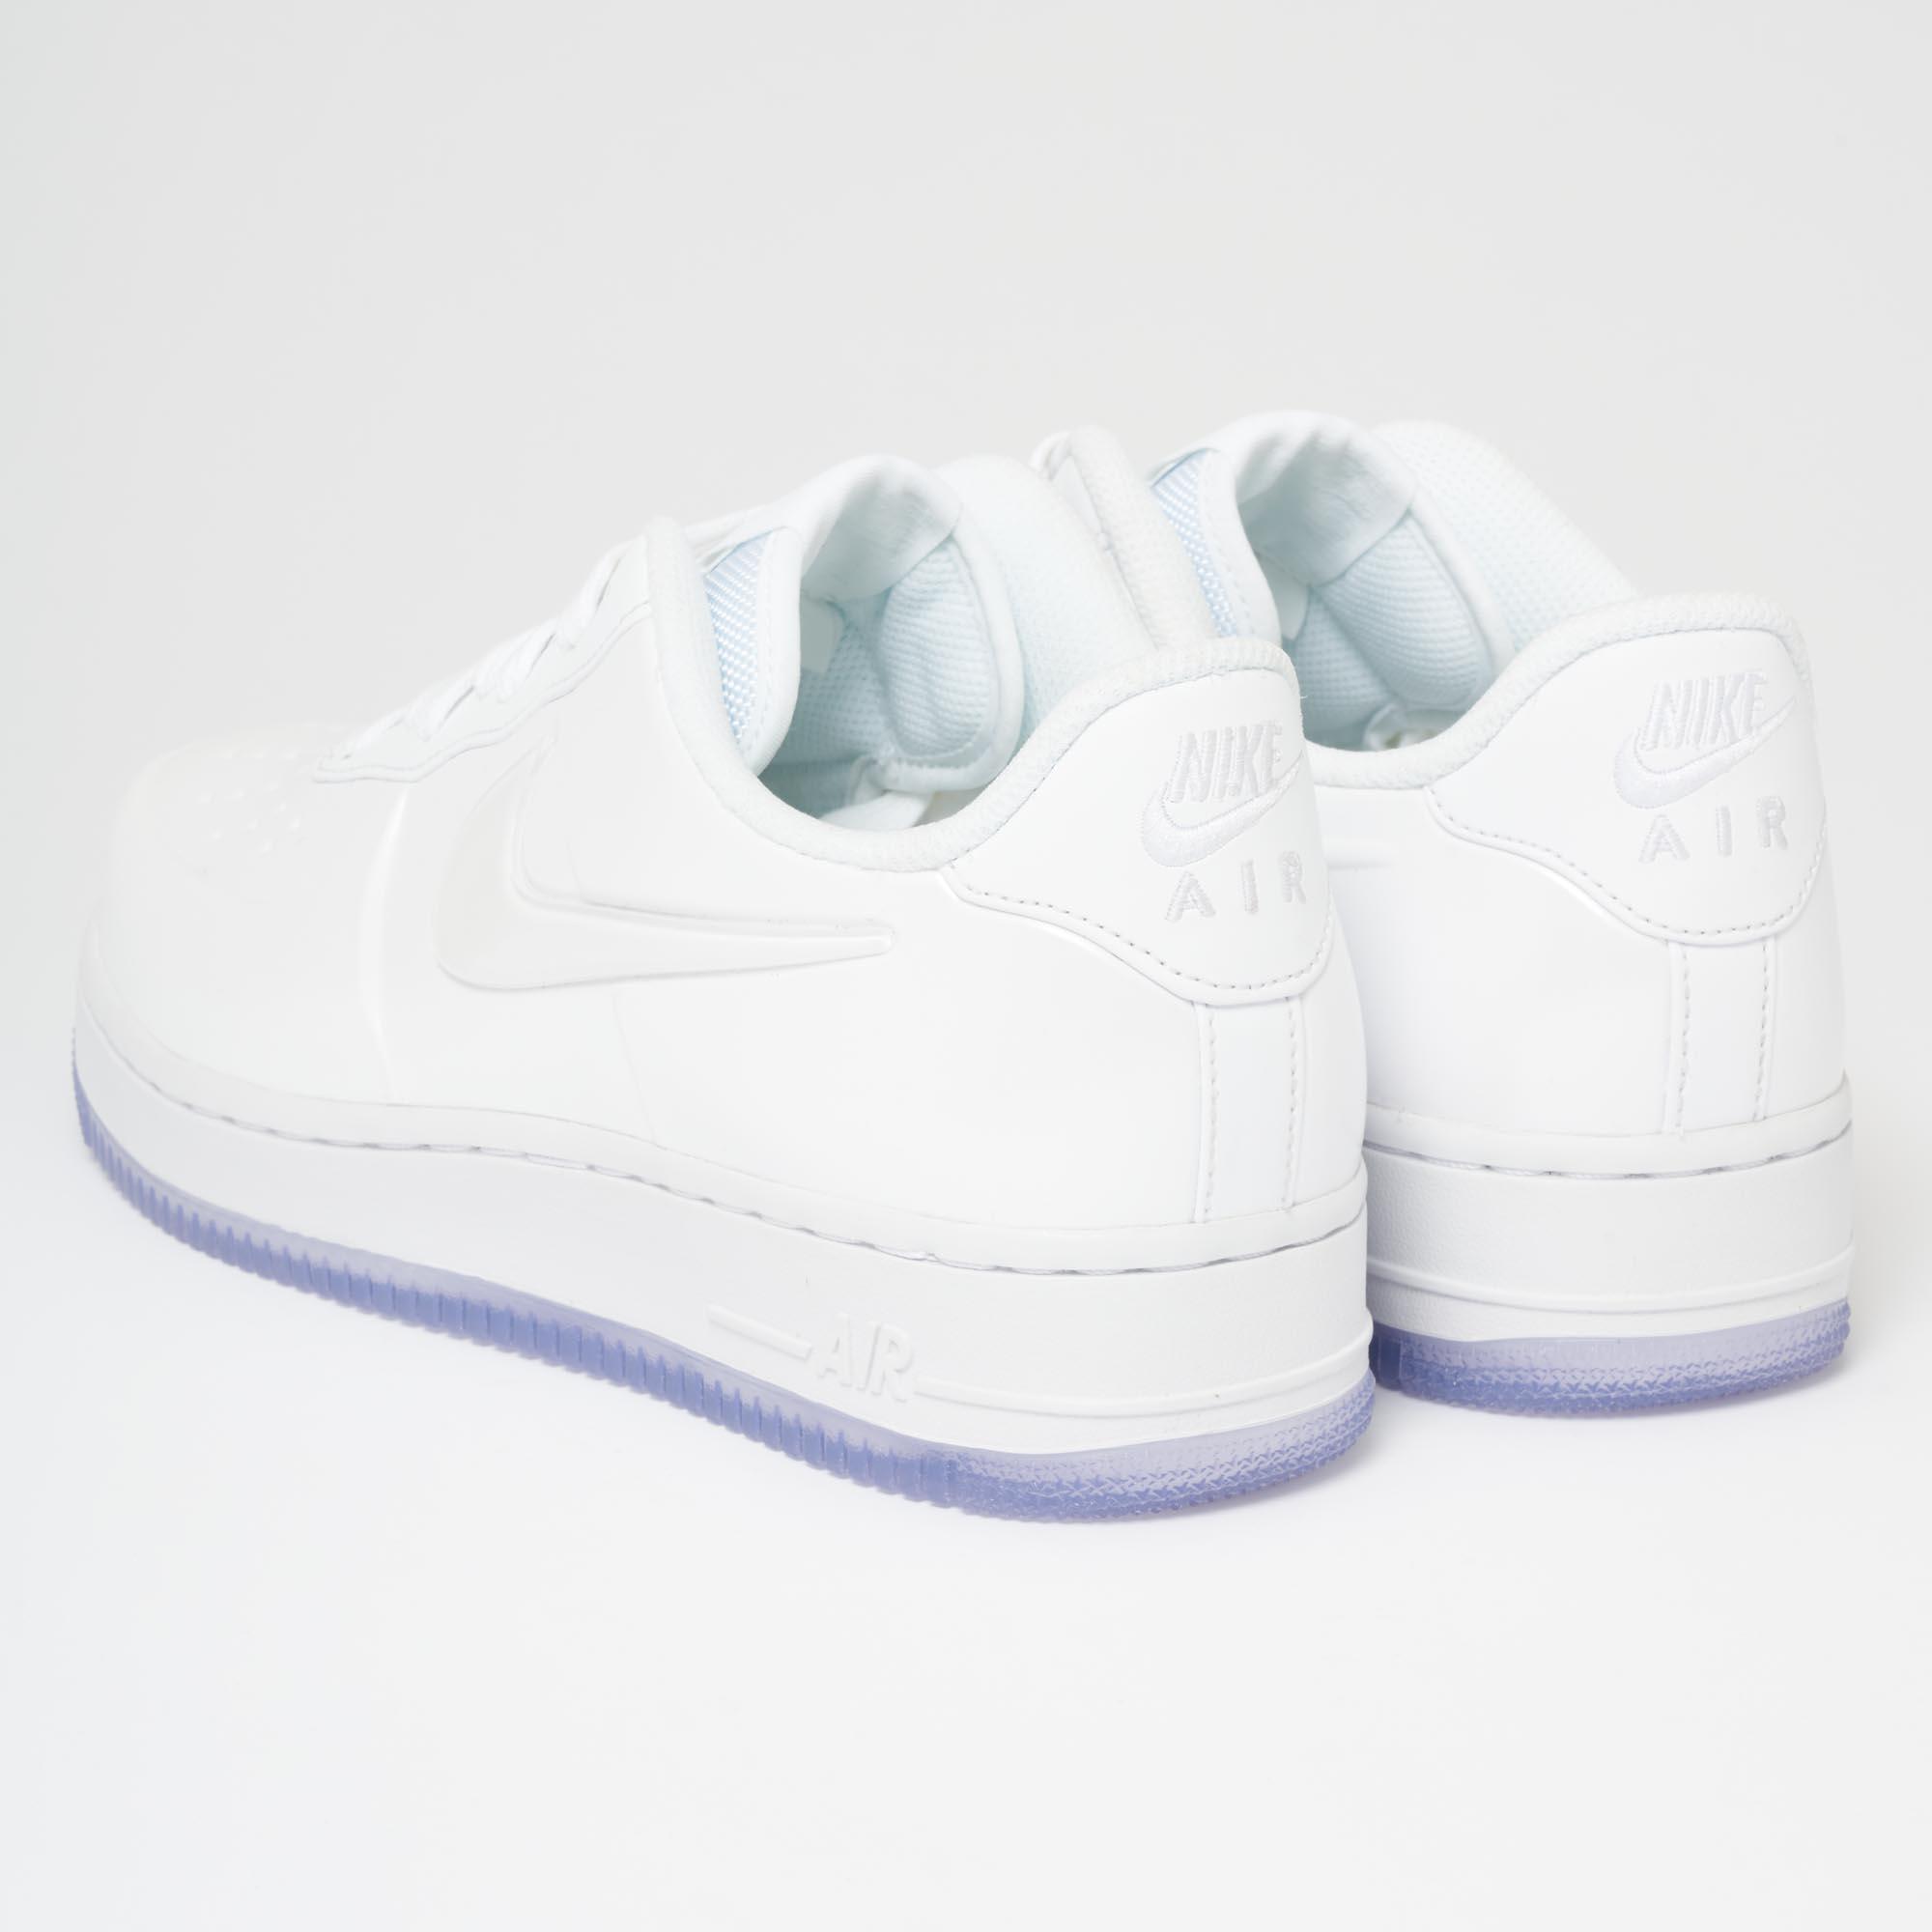 Nike Men's AIR Force 1 Foamposite PRO Cupsole Shoe Triple White